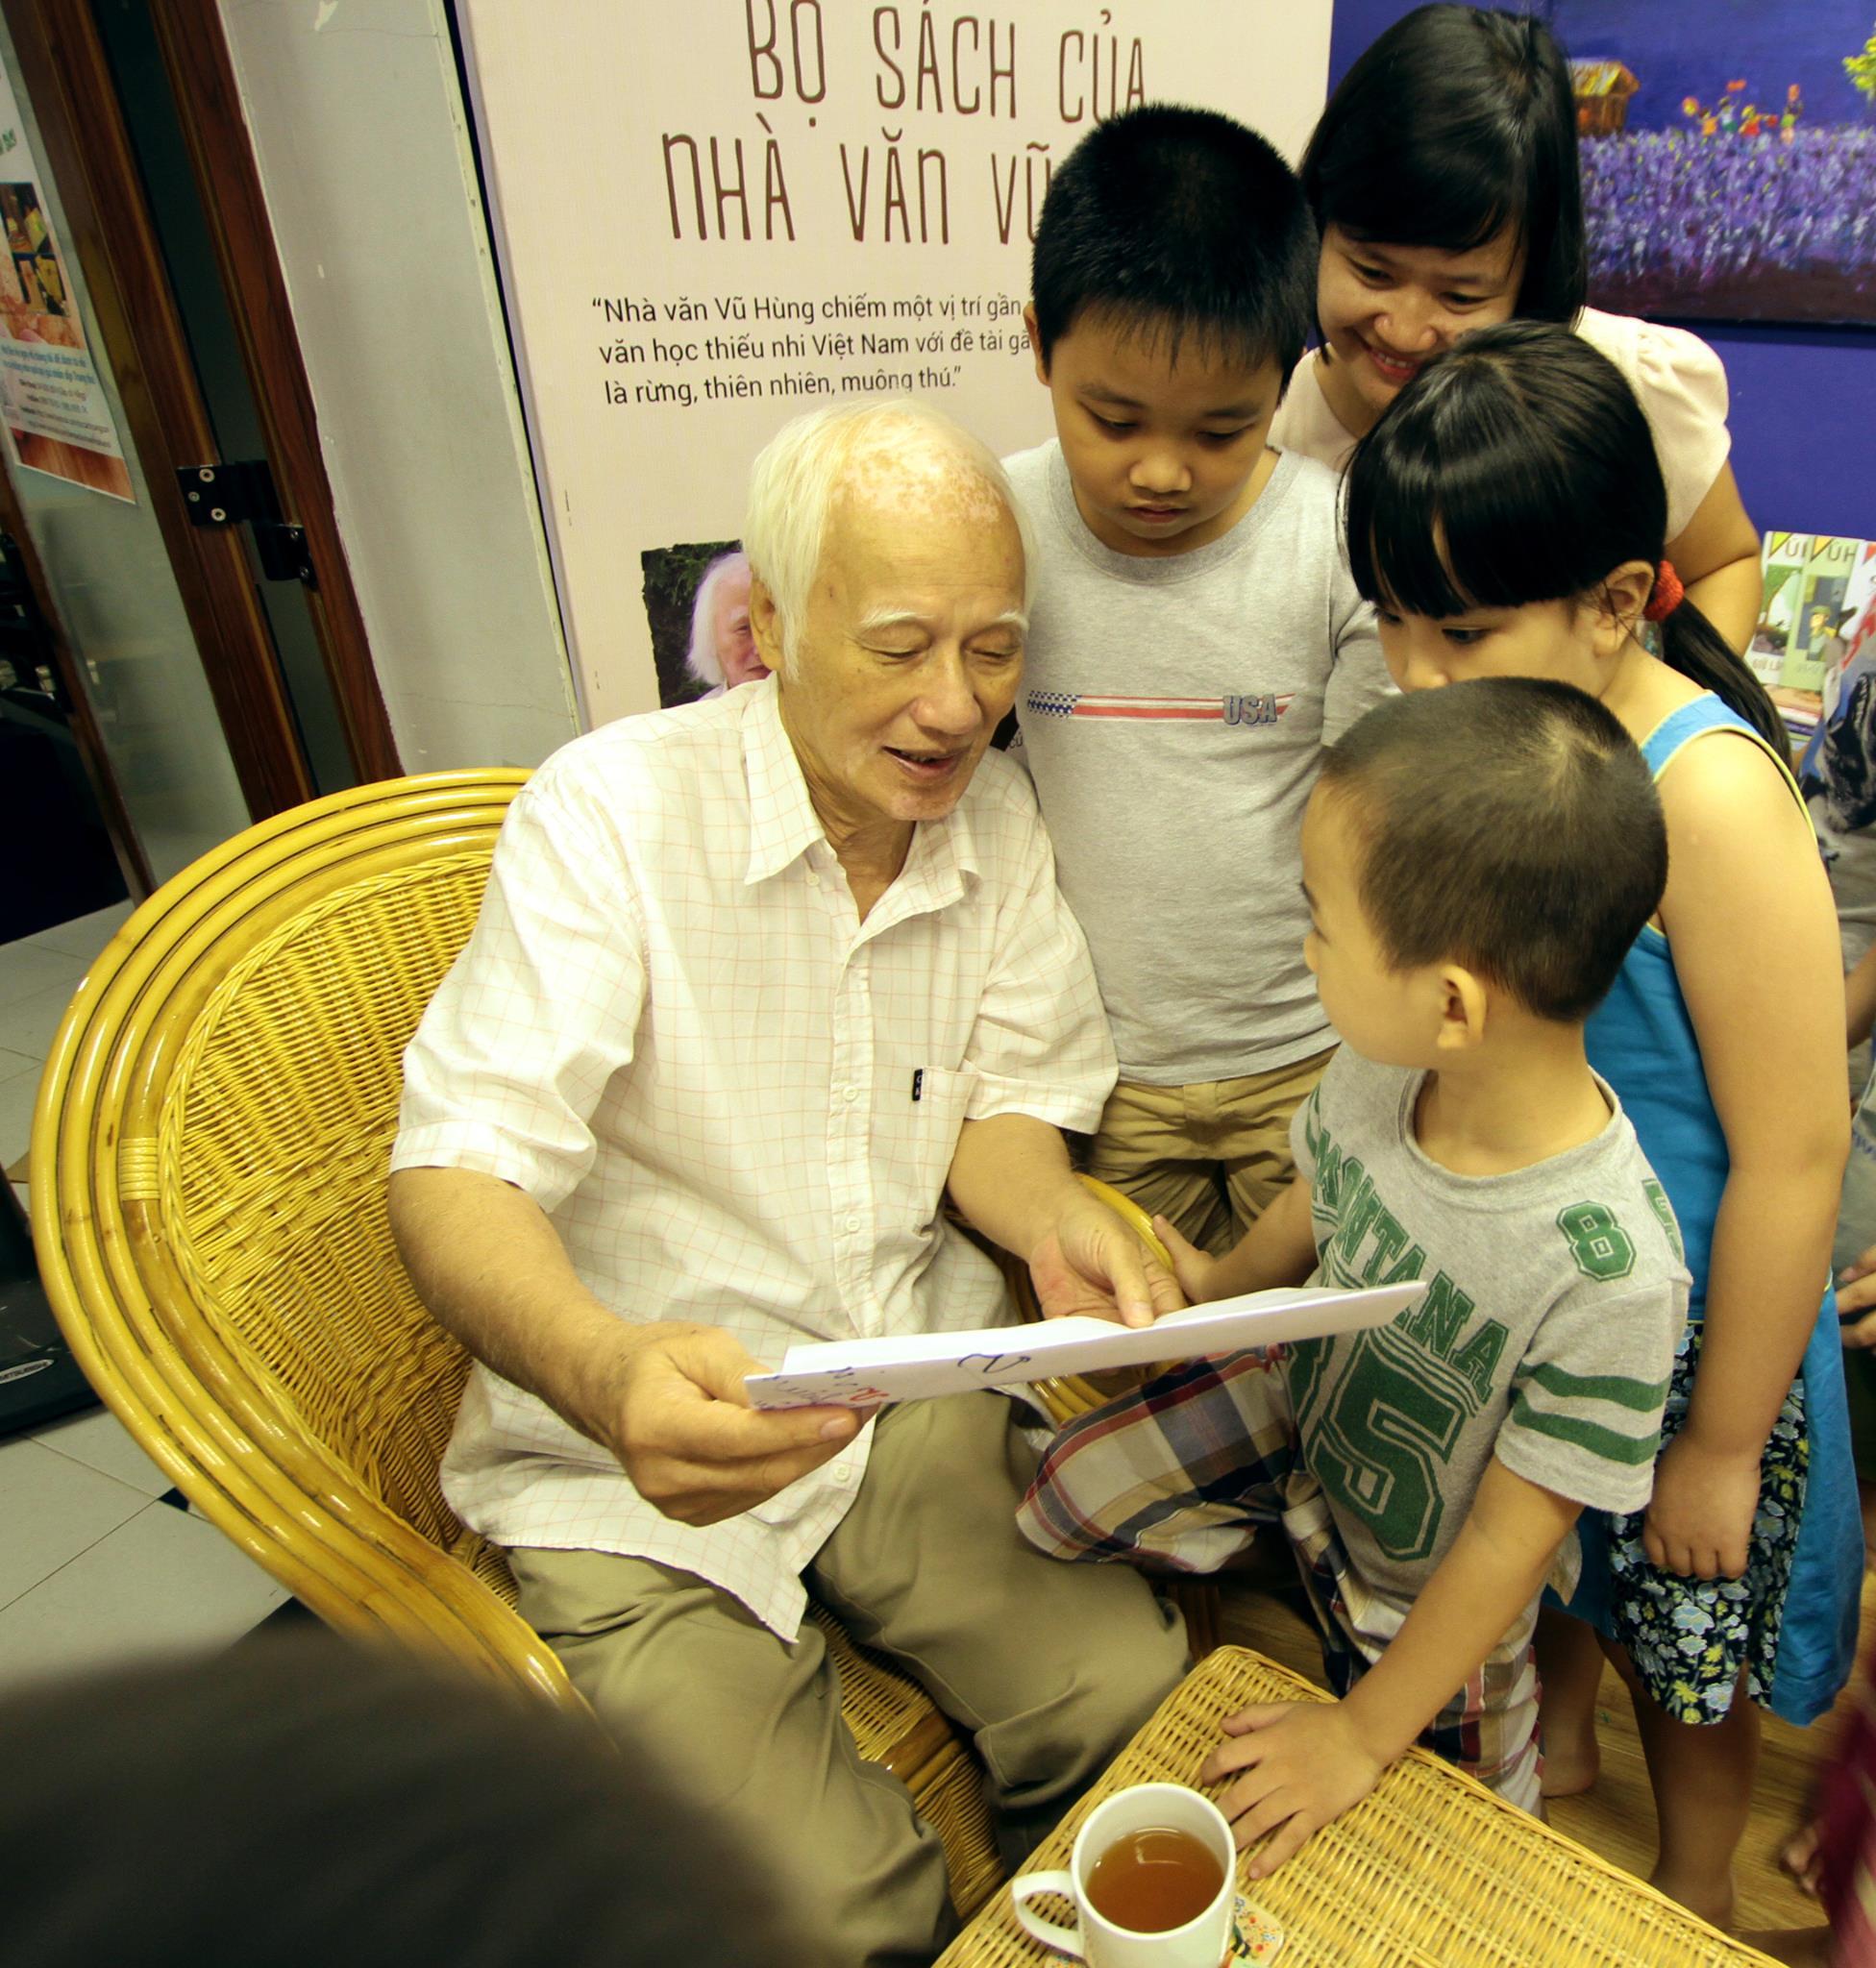 Nhà văn Vũ Hùng với các bạn nhỏ CLB Đọc sách cùng con